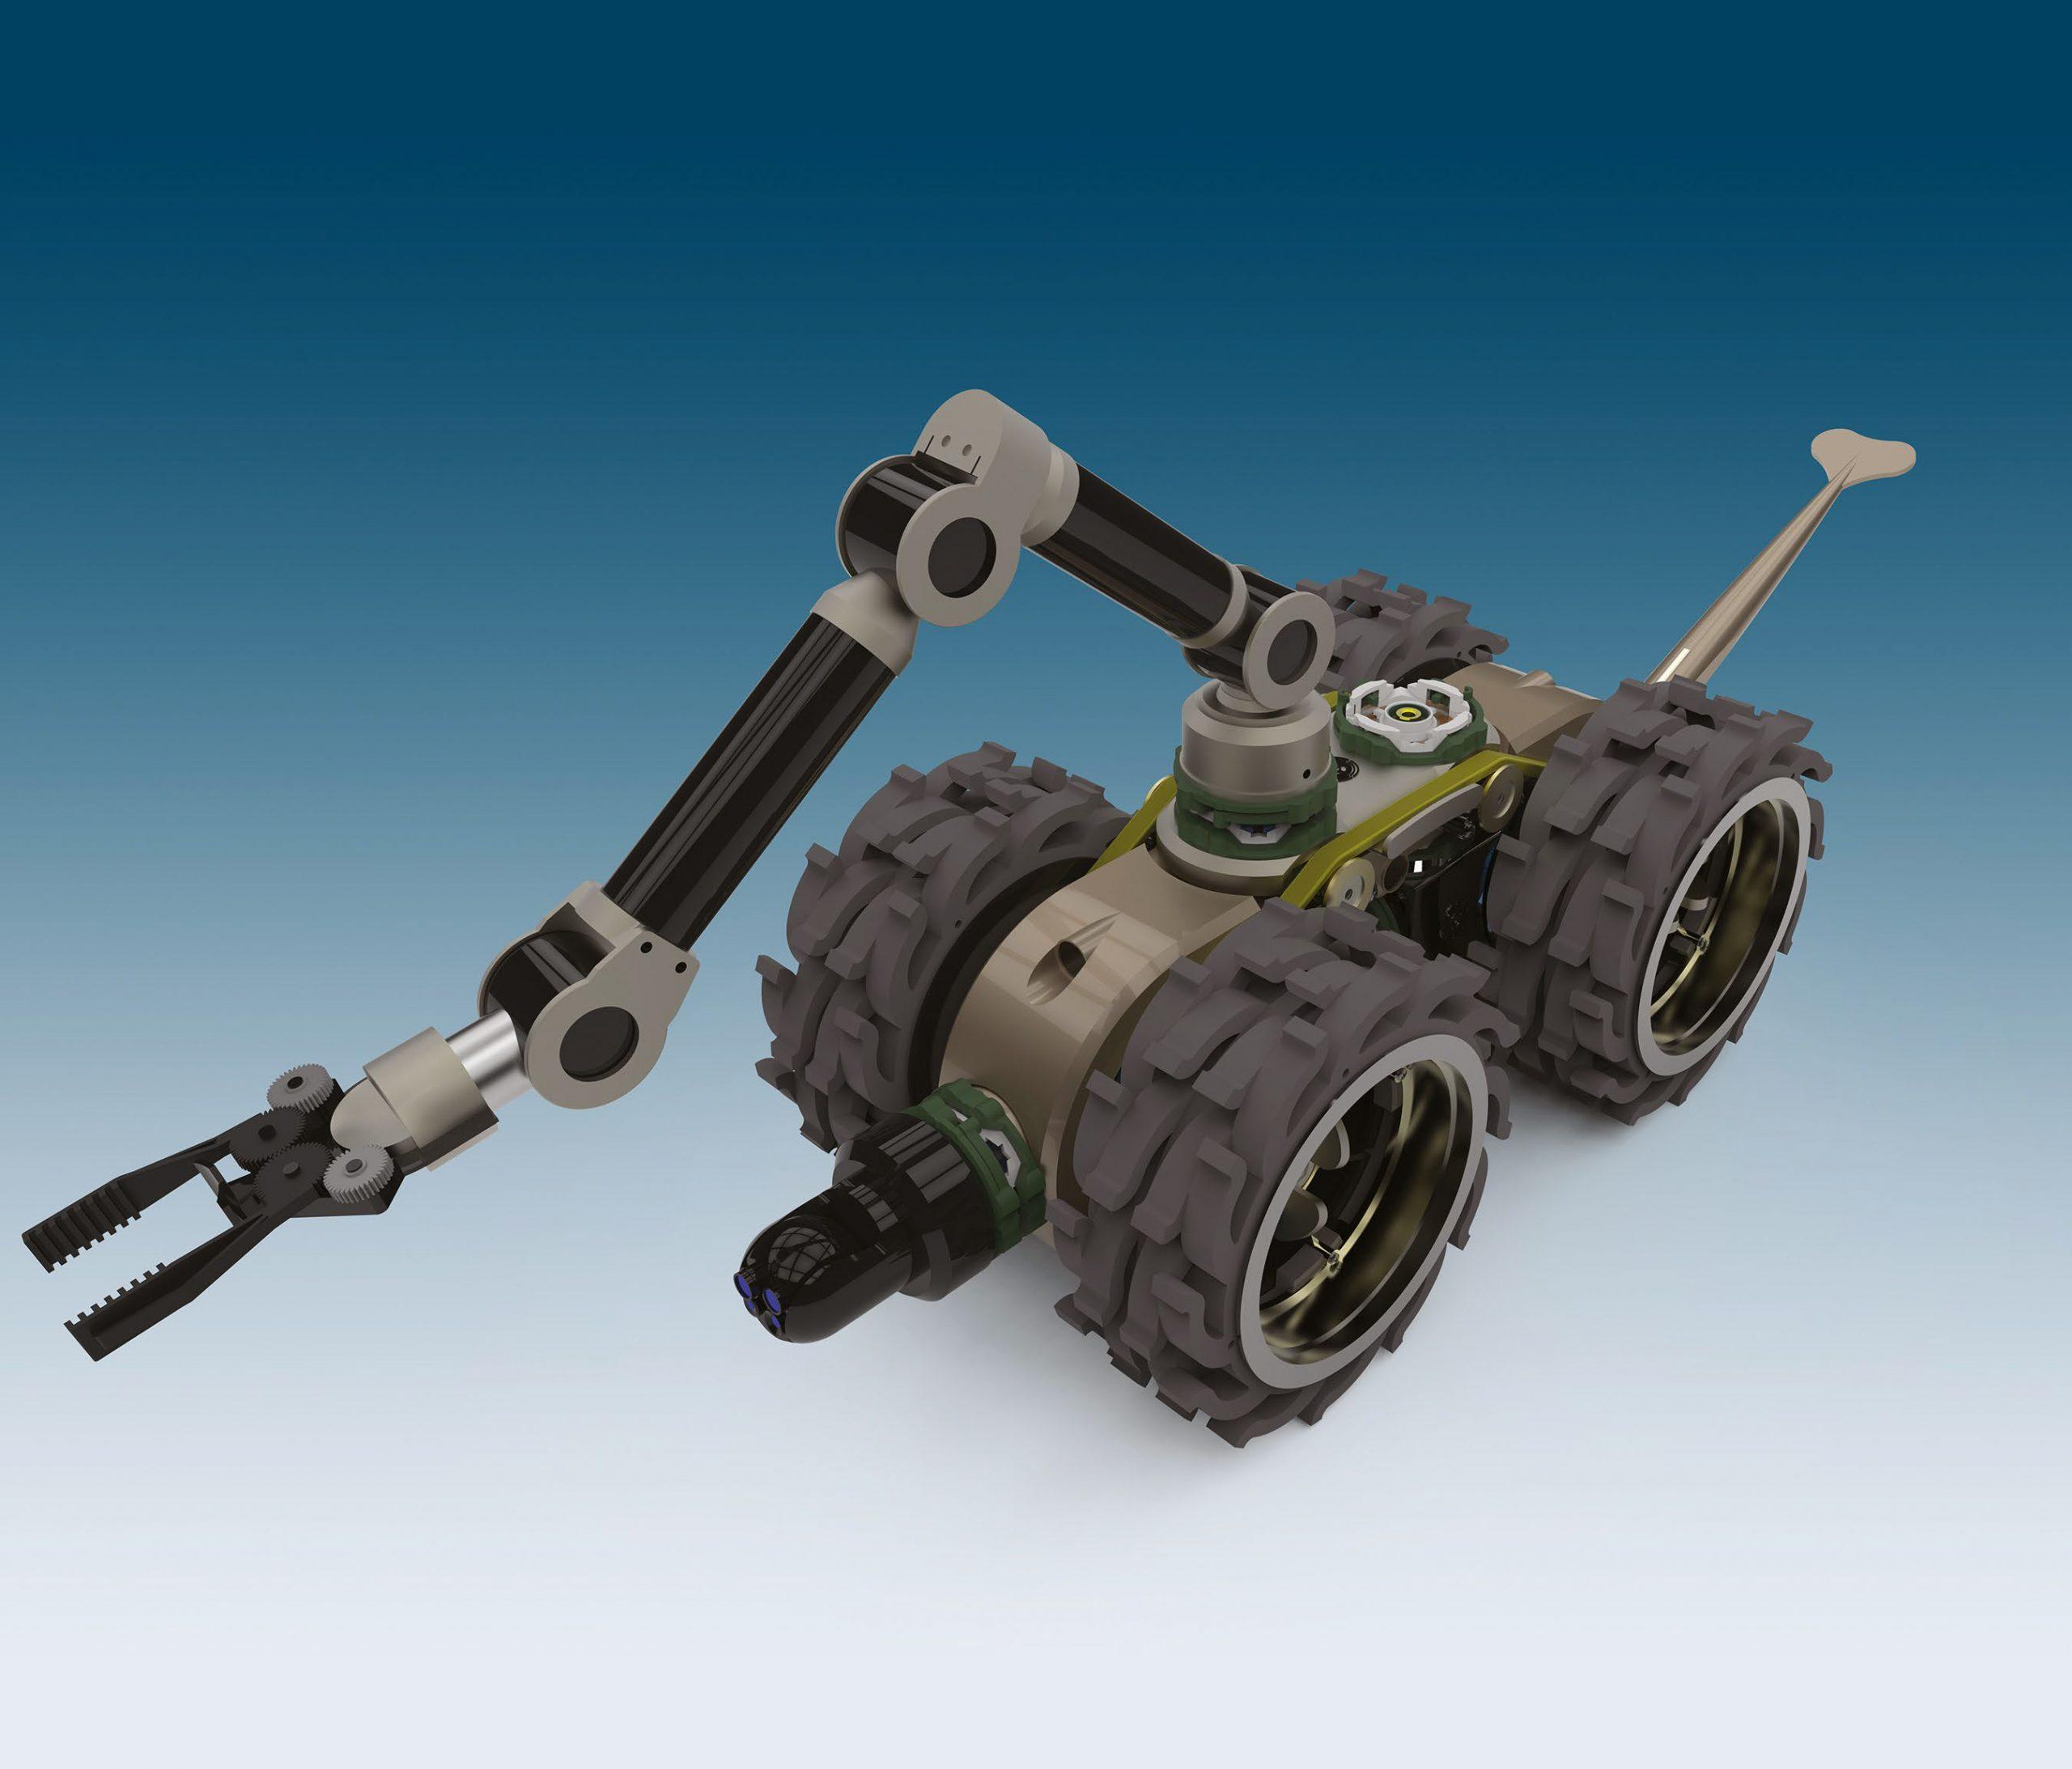 Robotic system design in Solid Edge